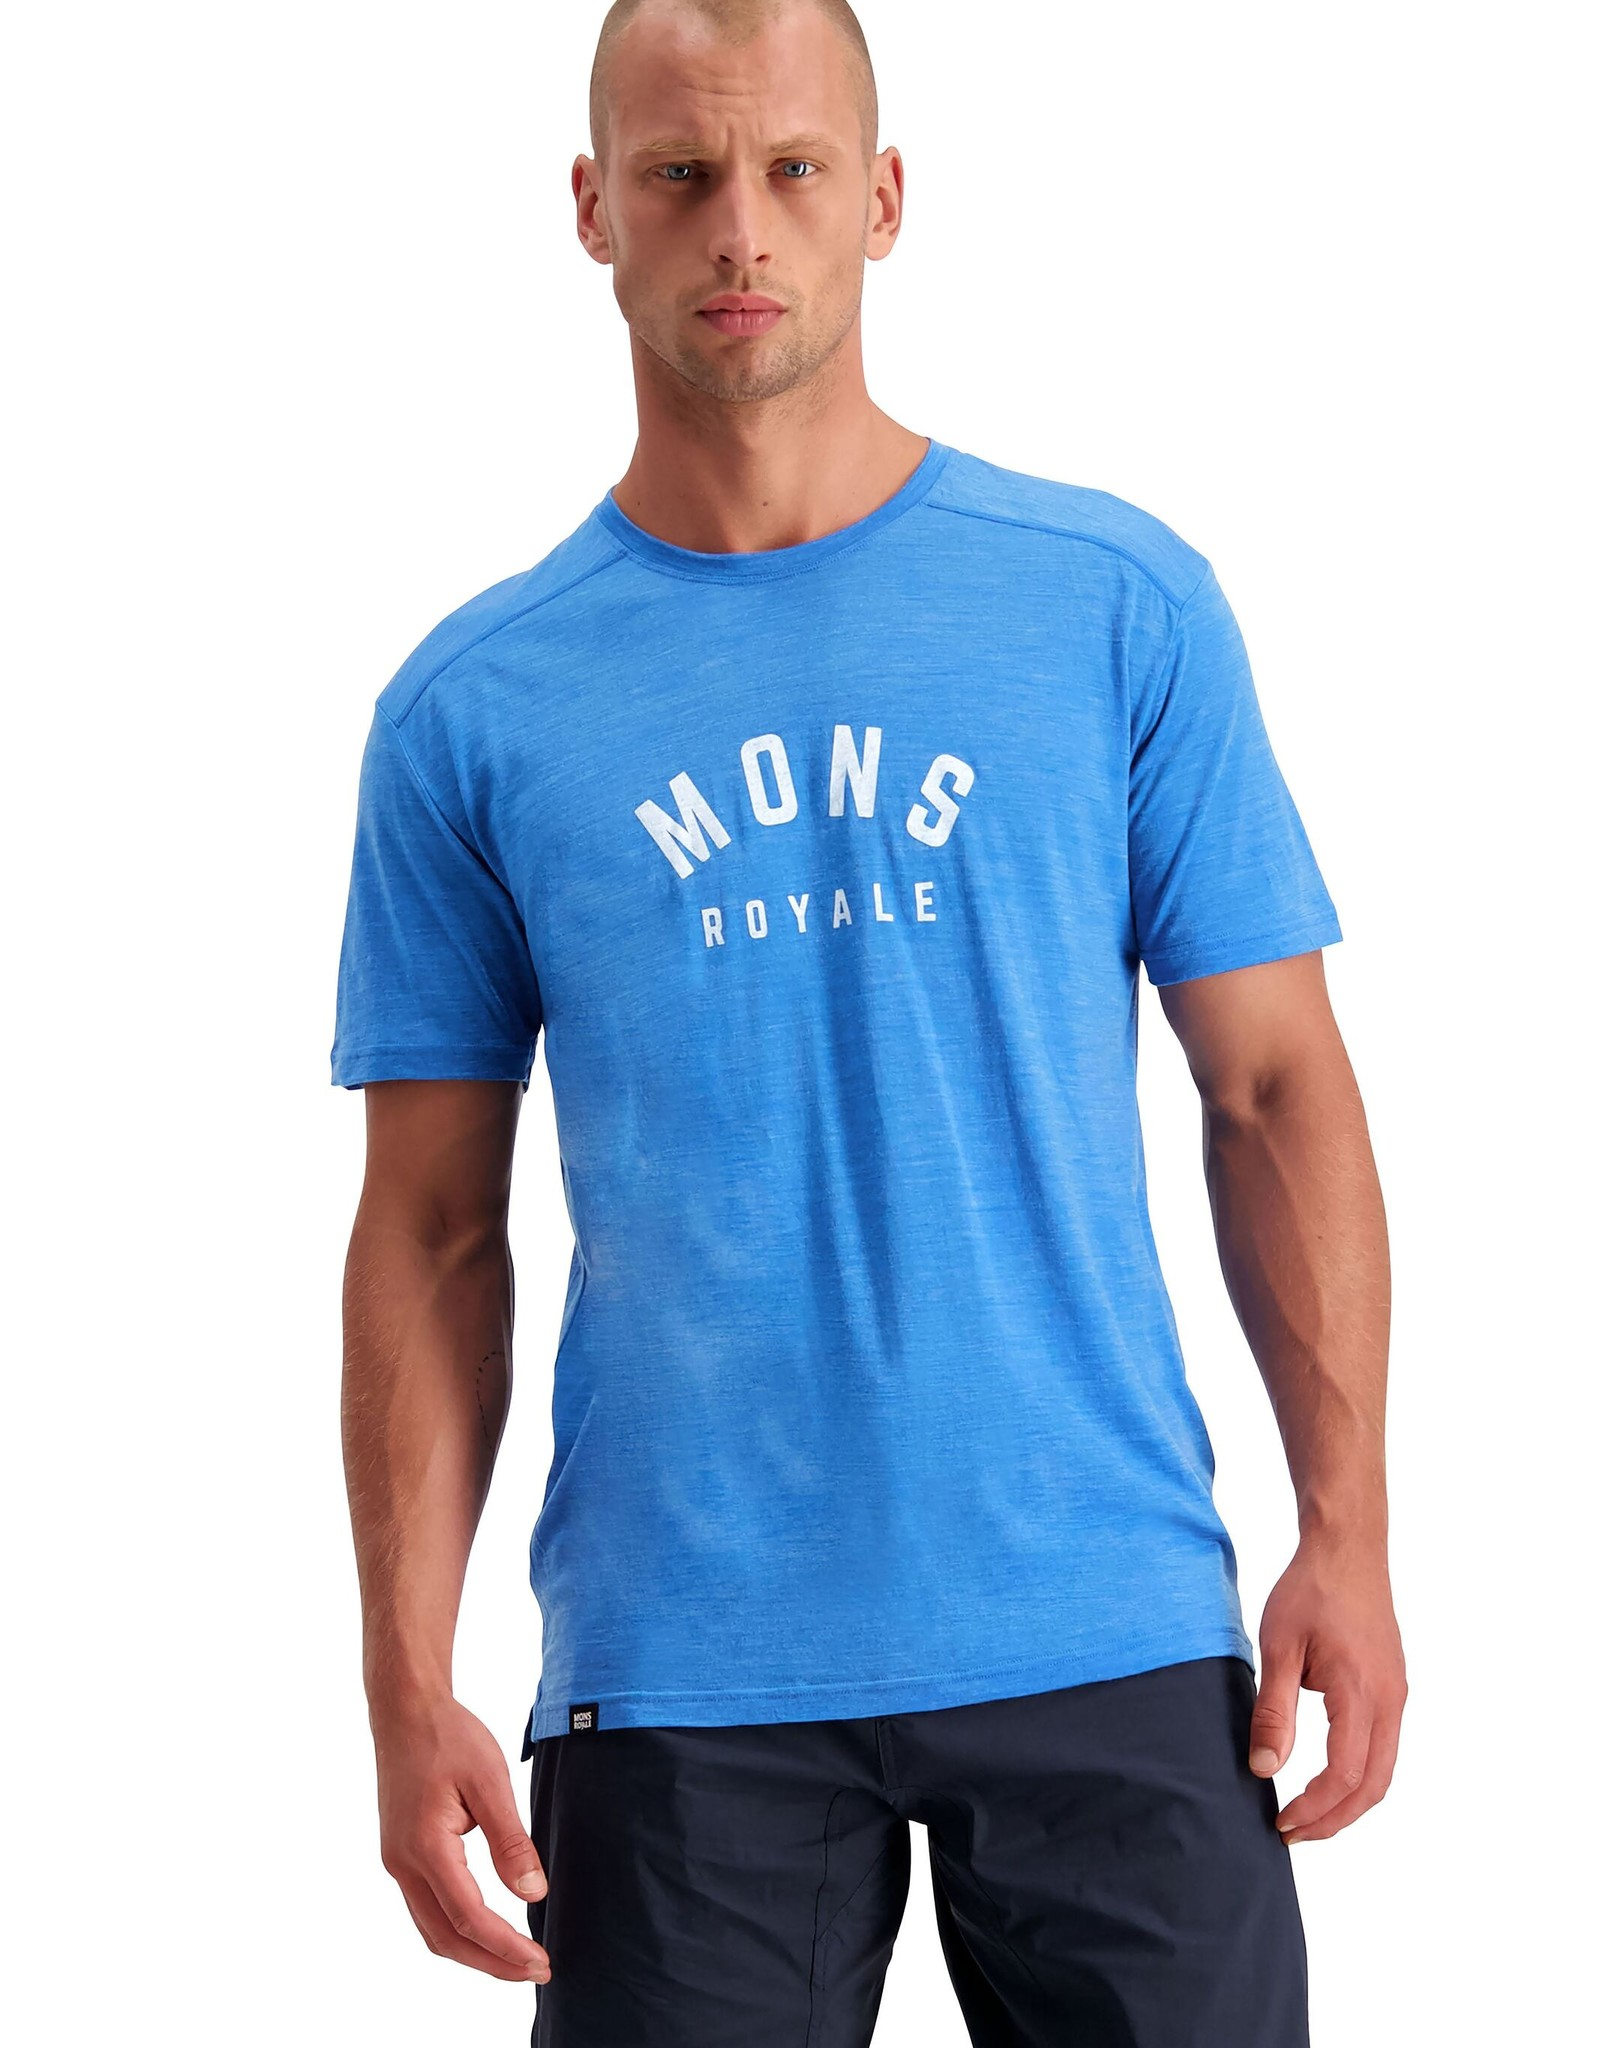 Mons Royale Mons Royale Men's Vapour Tee - S2020